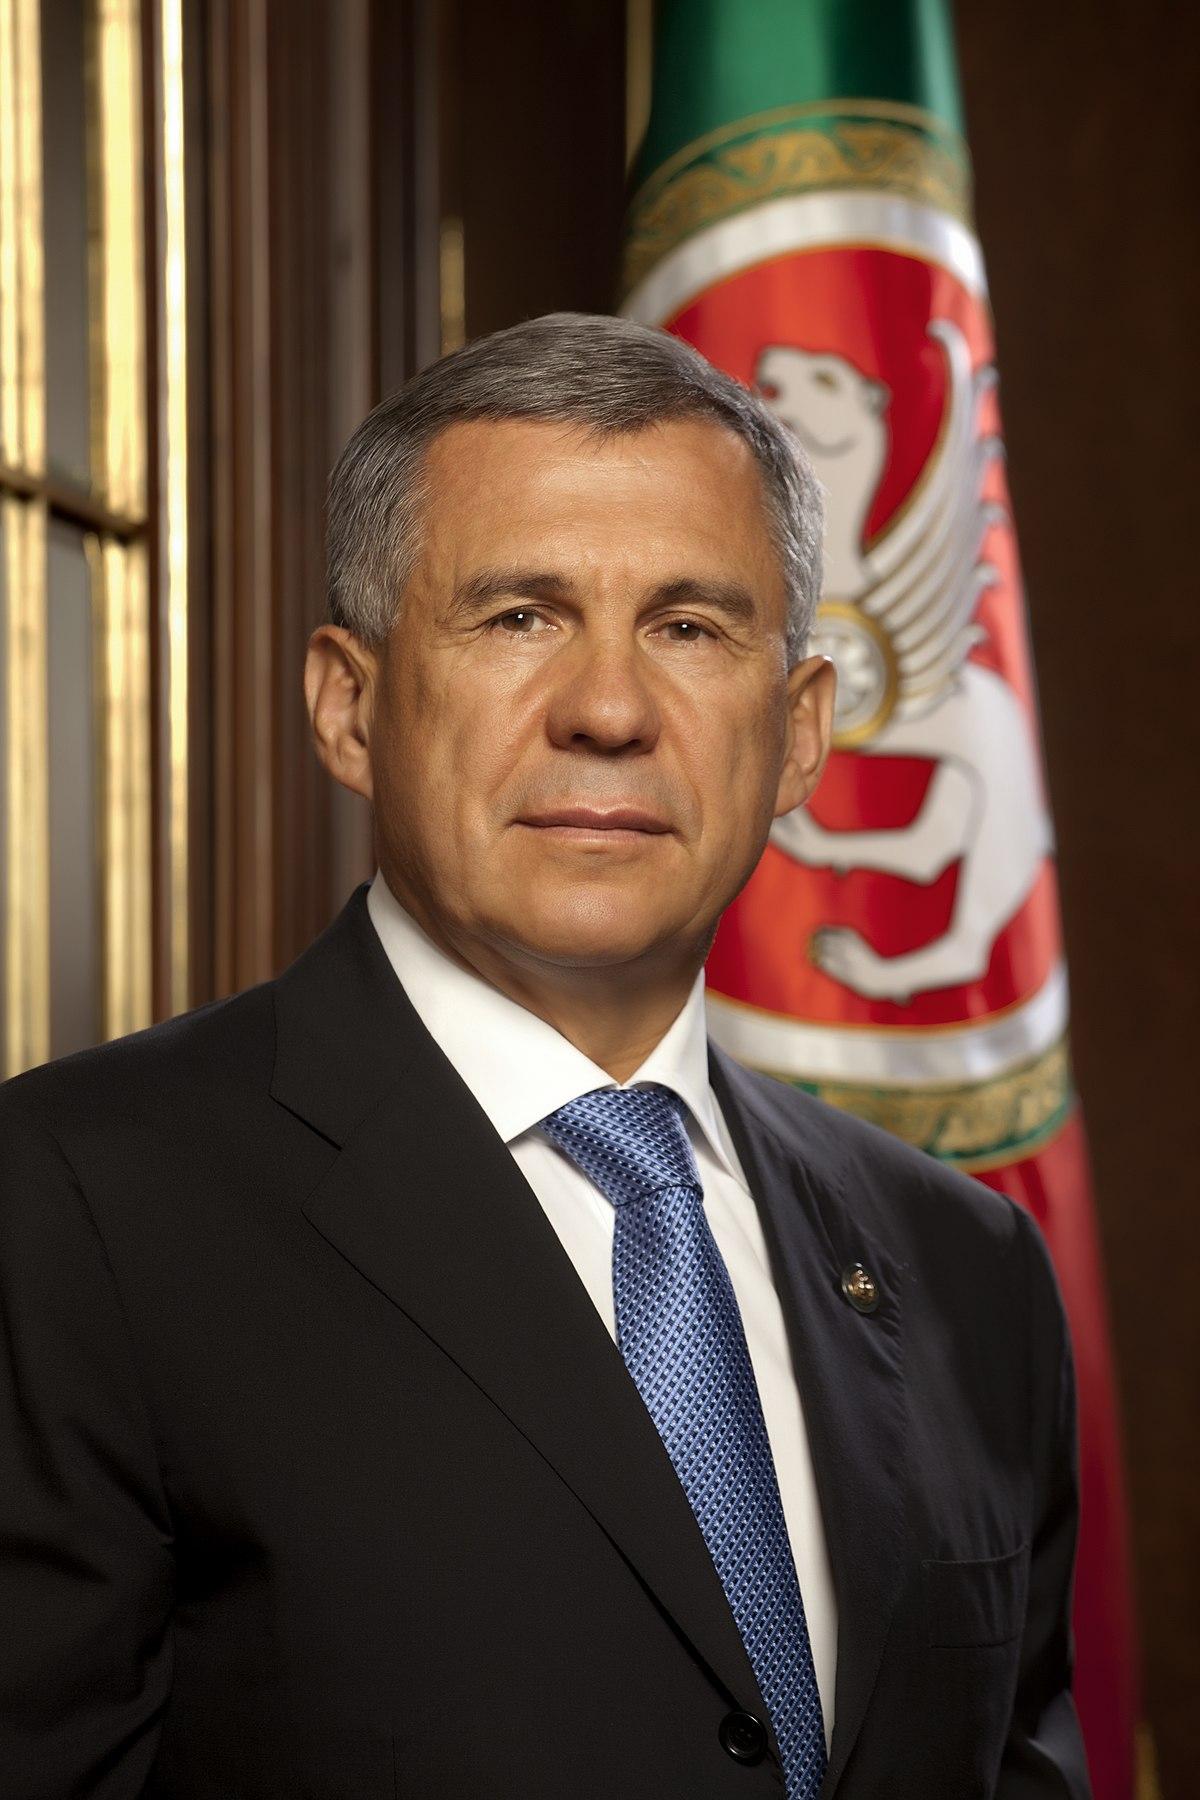 Поздравления президенту рт минниханову